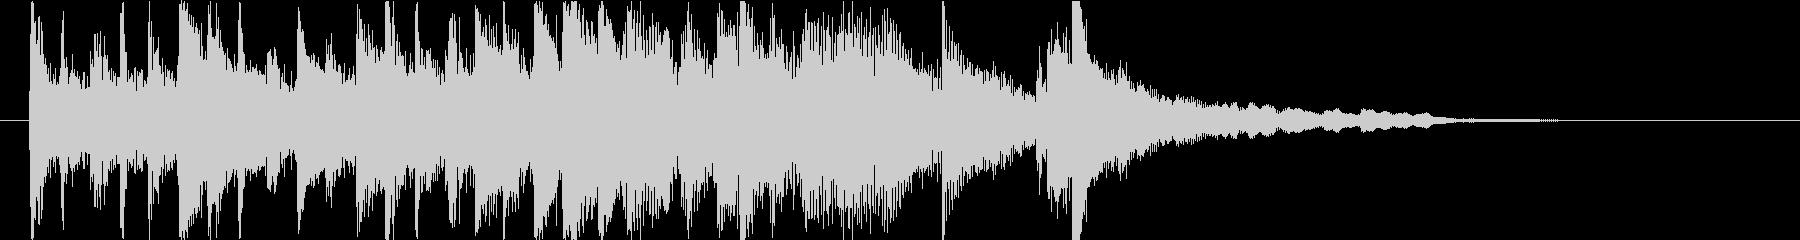 琴・尺八・和太鼓の上品な純和風ロゴの未再生の波形